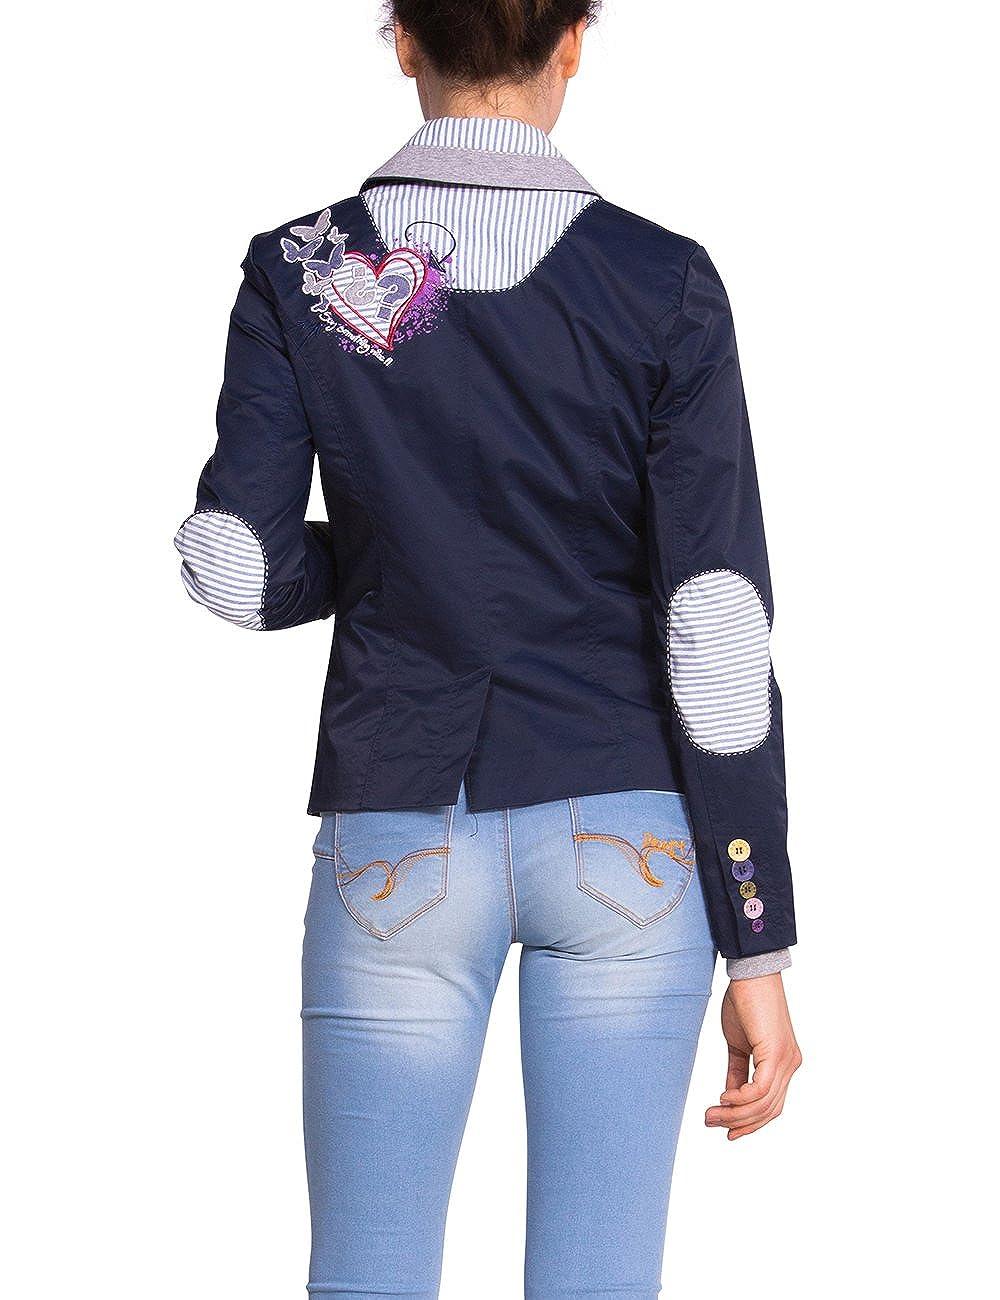 Femme Desigual Taille À 36 58Jean Pour Bleu Vêtements 4jc5q3LSAR